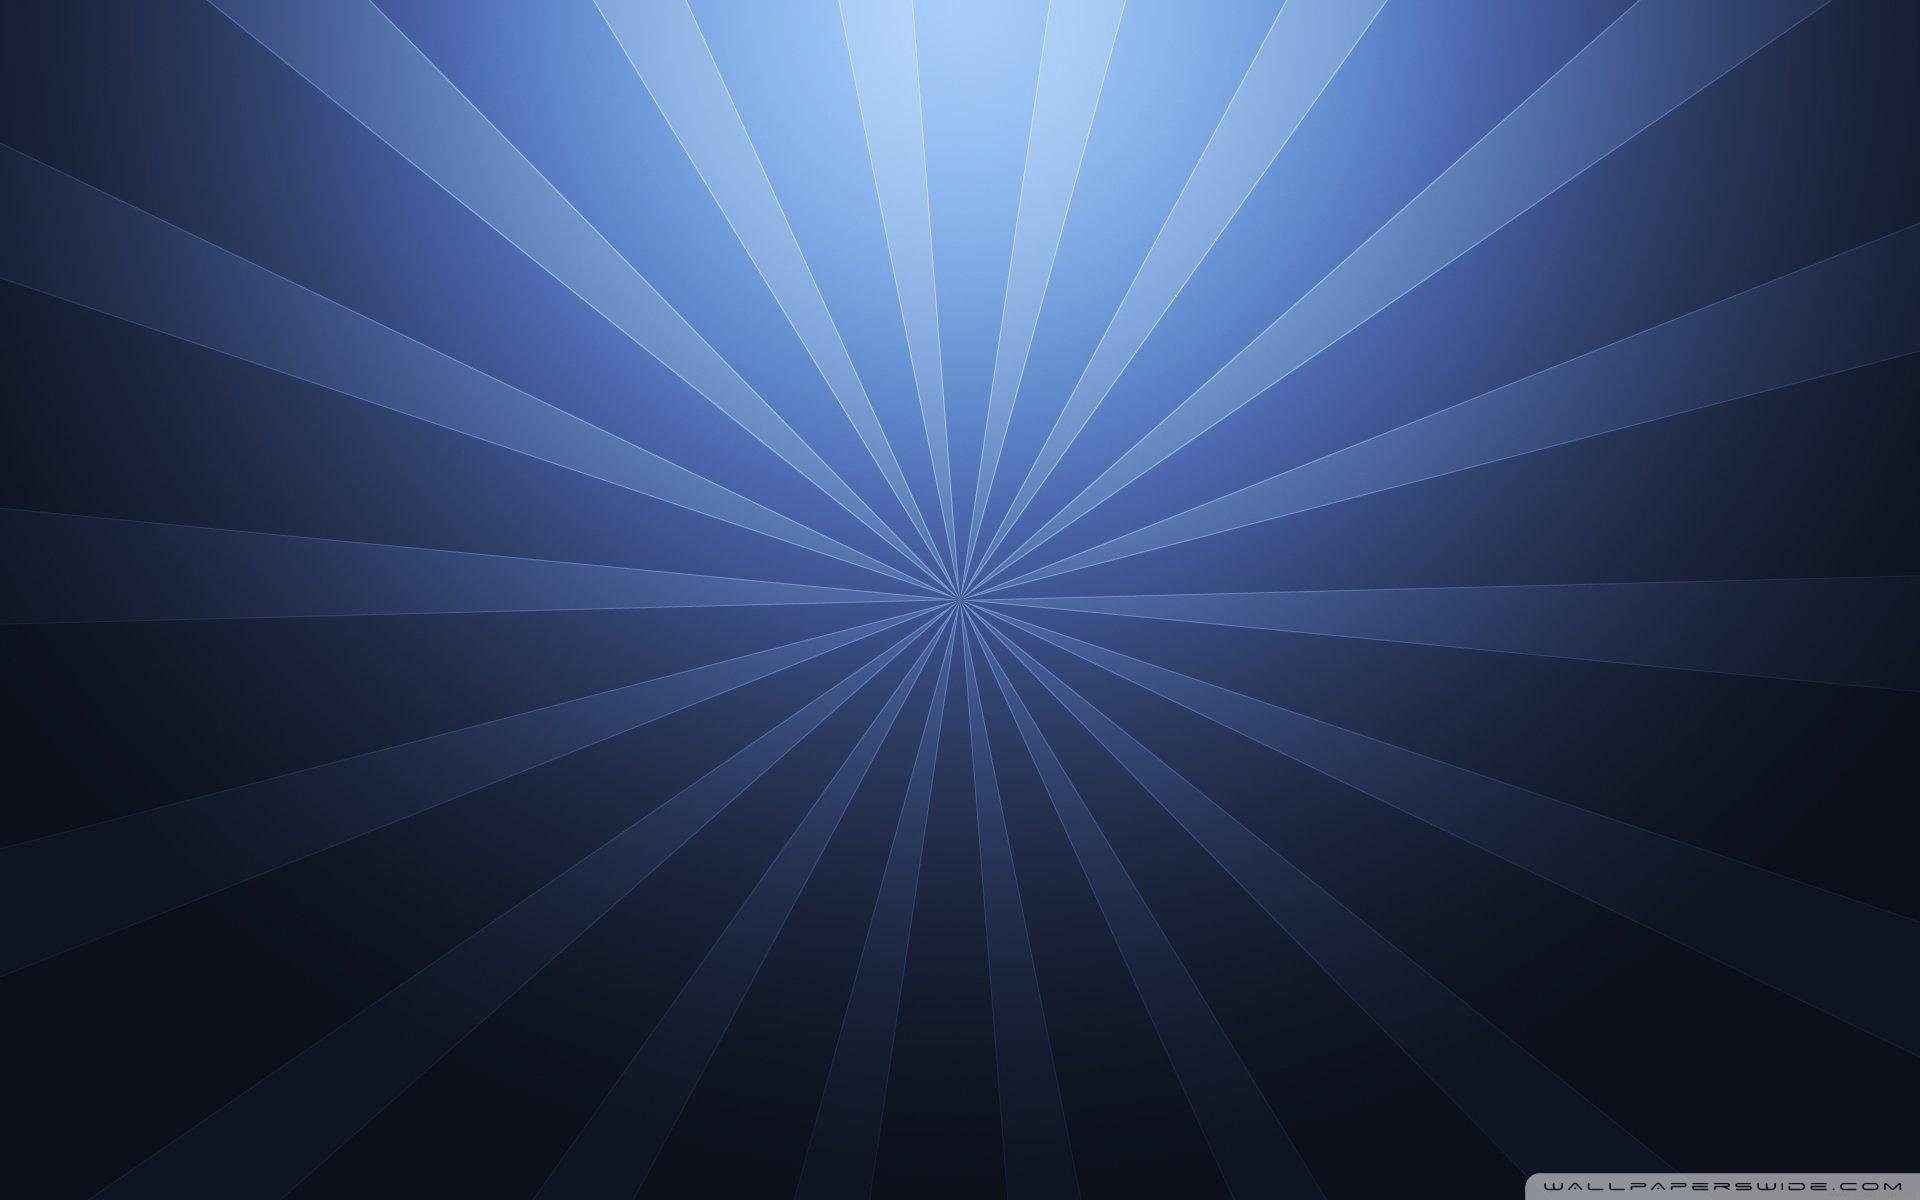 Abstract Sun Rays HD desktop wallpaper : High Definition